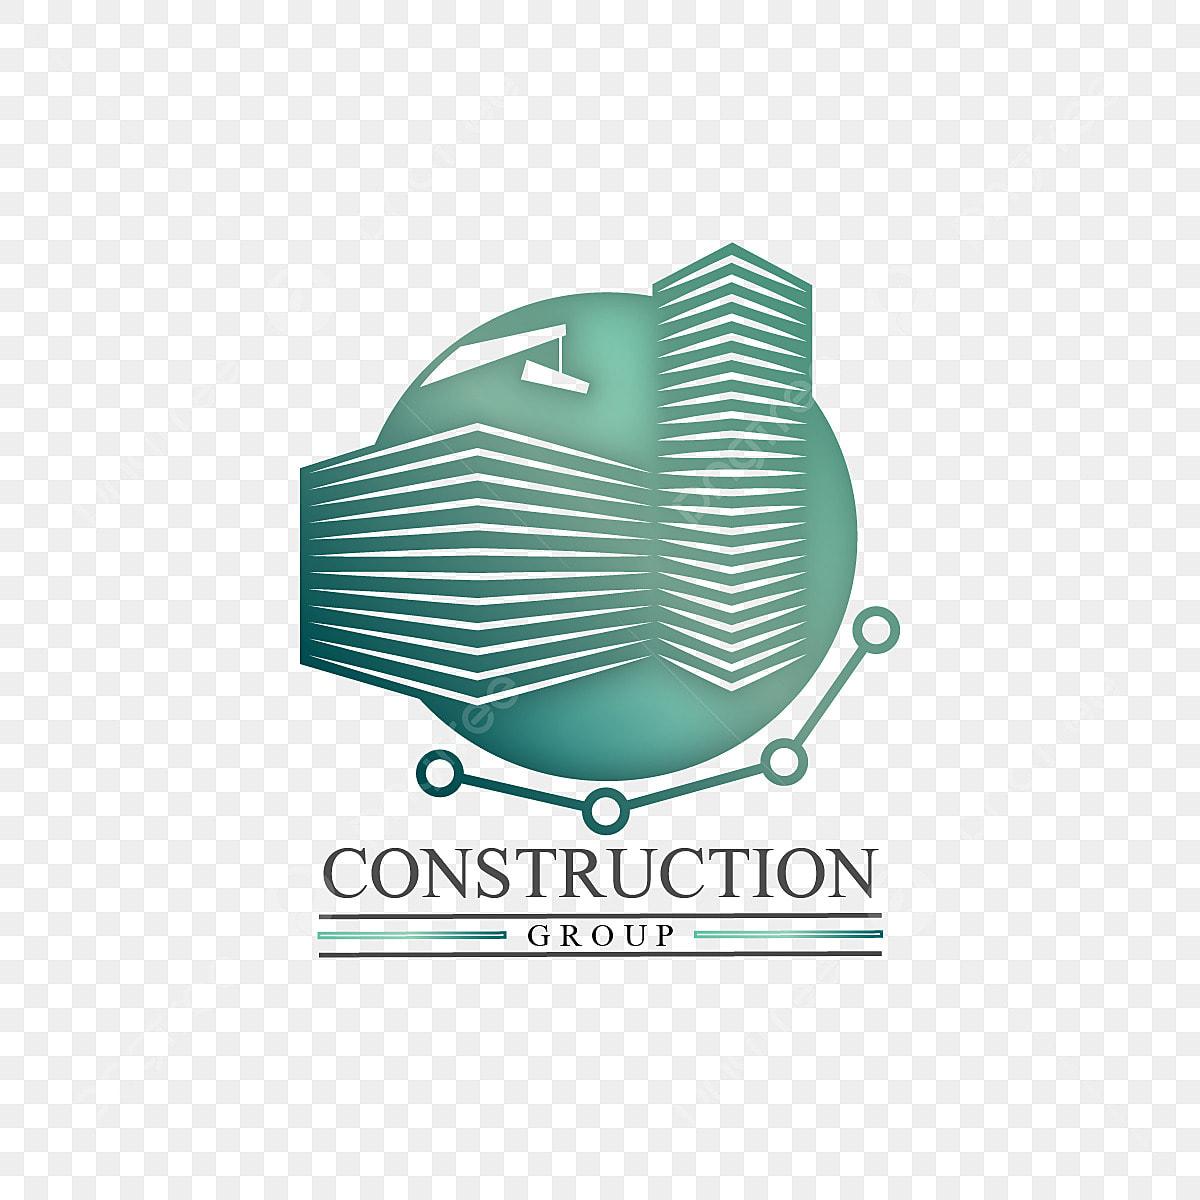 Gambar Pembinaan Bangunan Syarikat Pencakar Langit Crane Perniagaan Logo Biru Bangunan Bangunan Grafik Png Dan Vektor Untuk Muat Turun Percuma